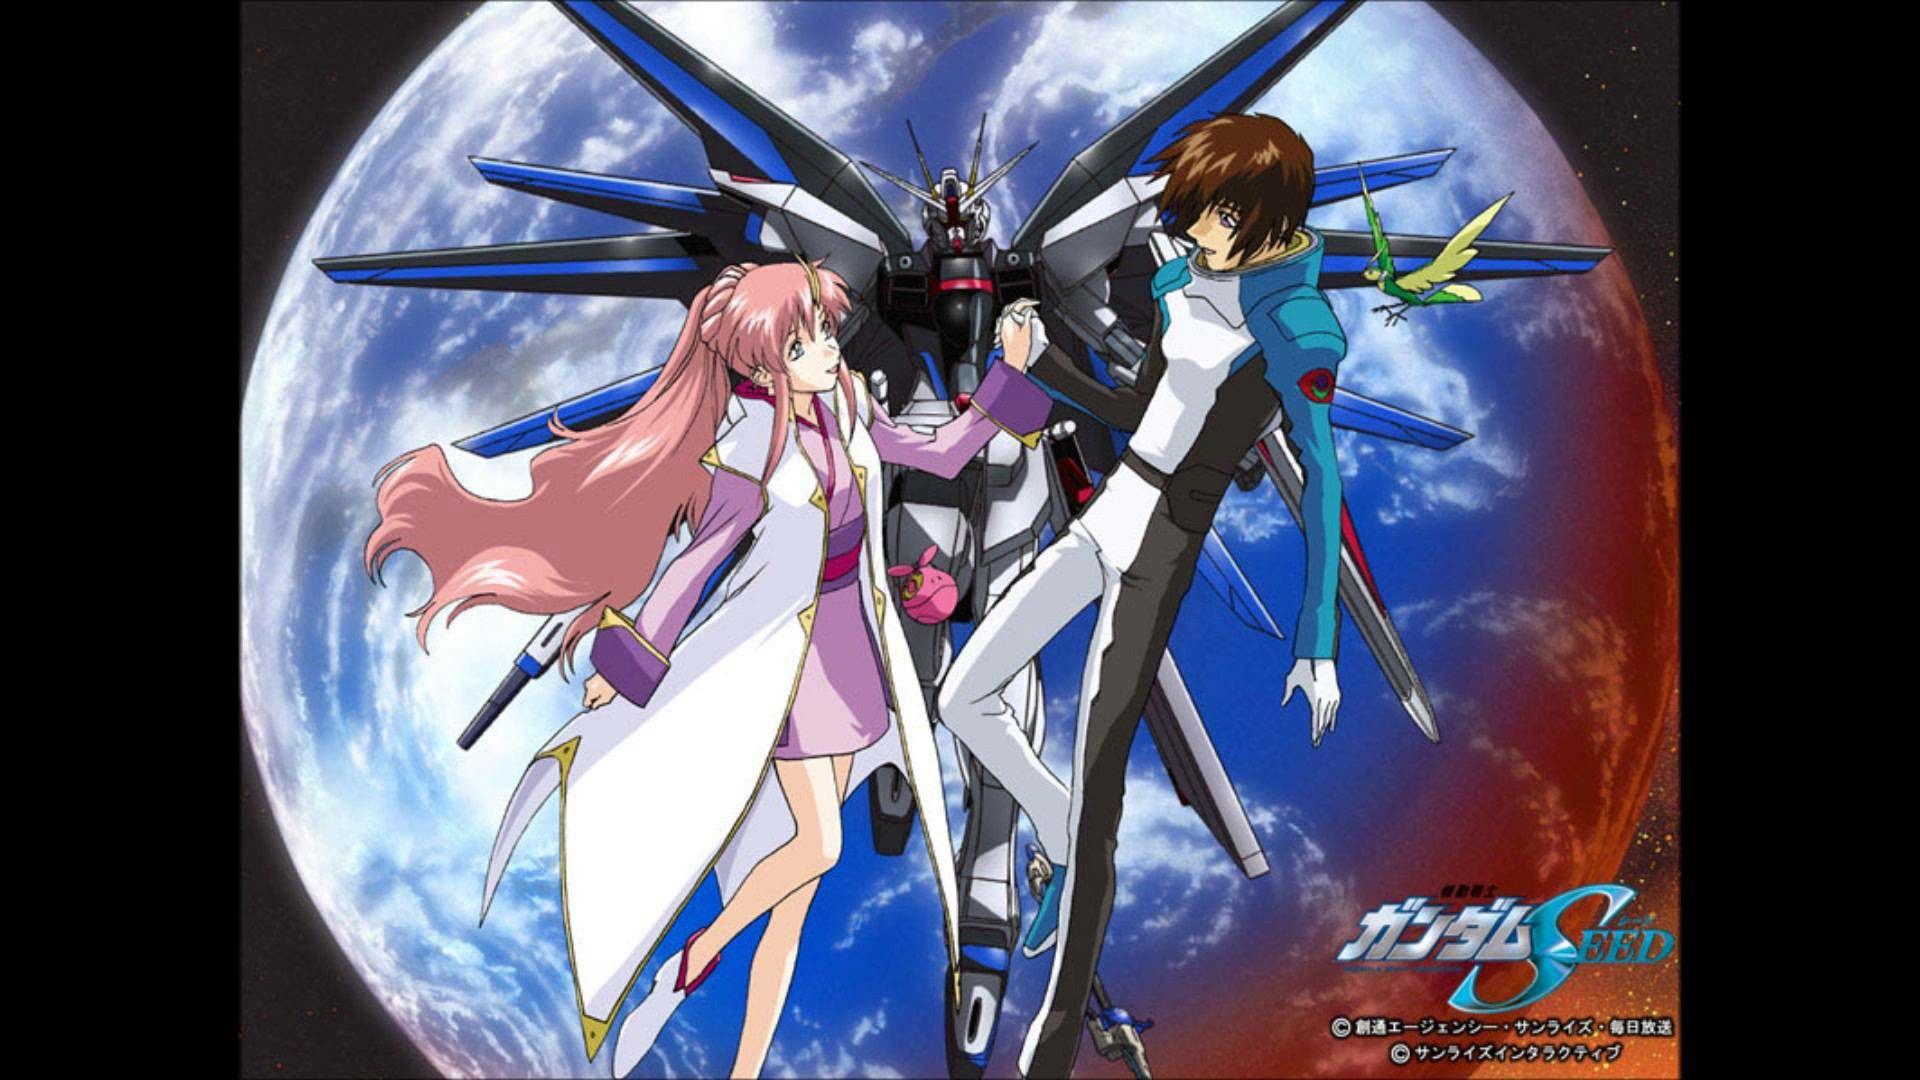 gundamseed gundam mecha anime animax tv2 manga